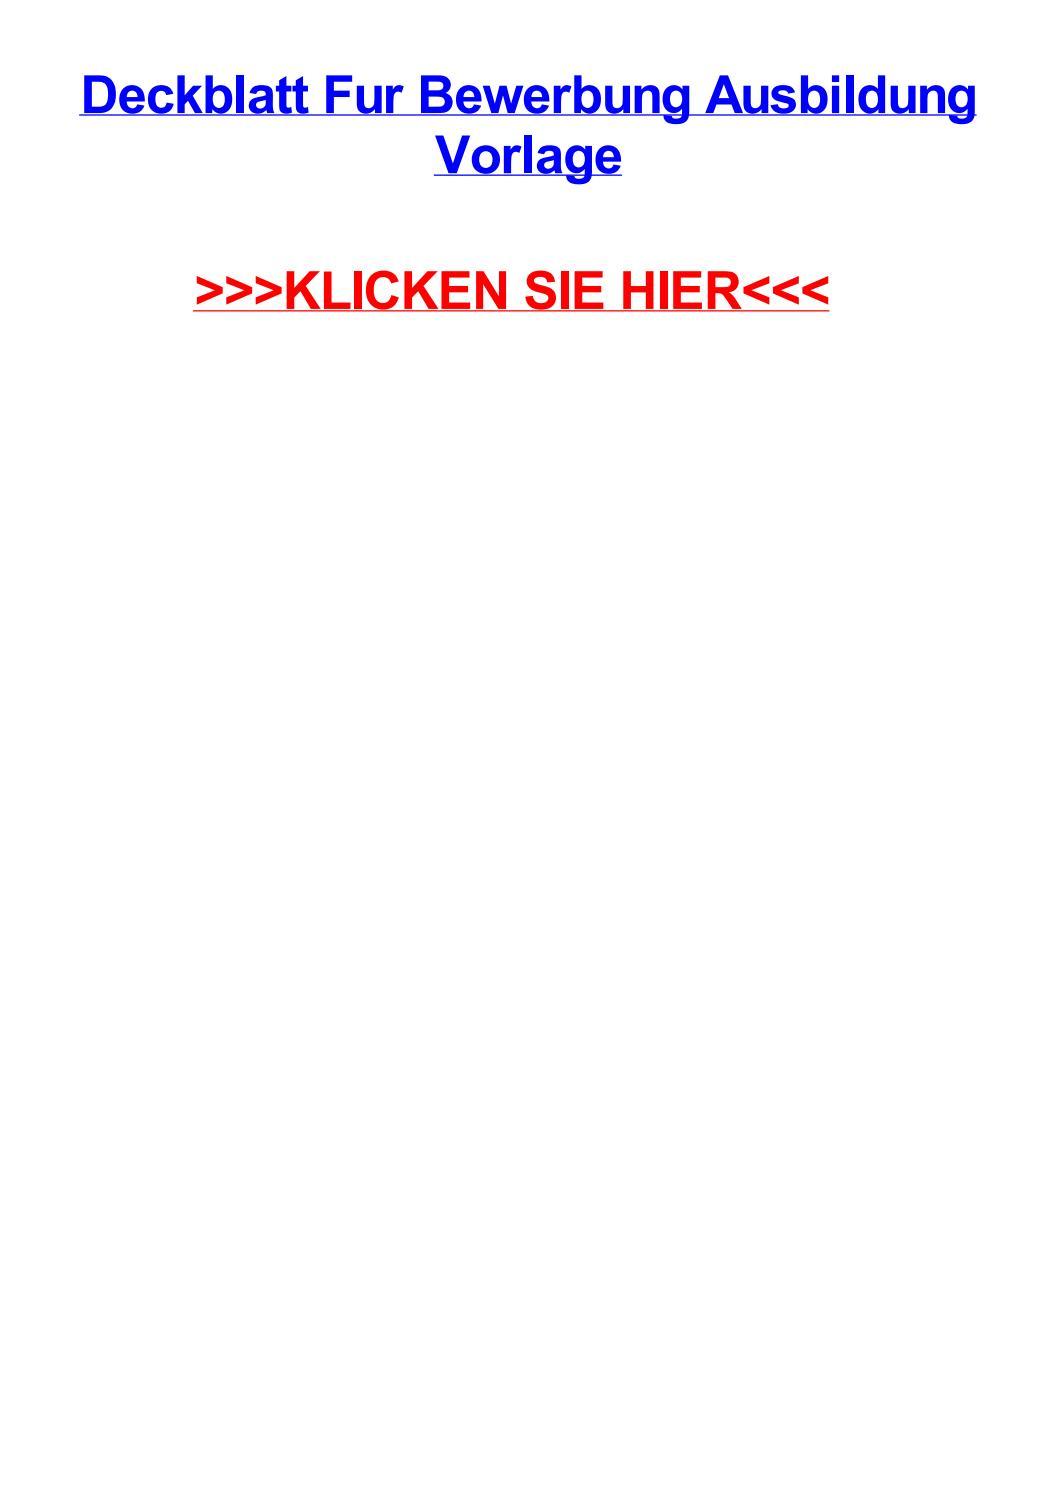 Deckblatt fur bewerbung ausbildung vorlage by brittanyrhrij - issuu